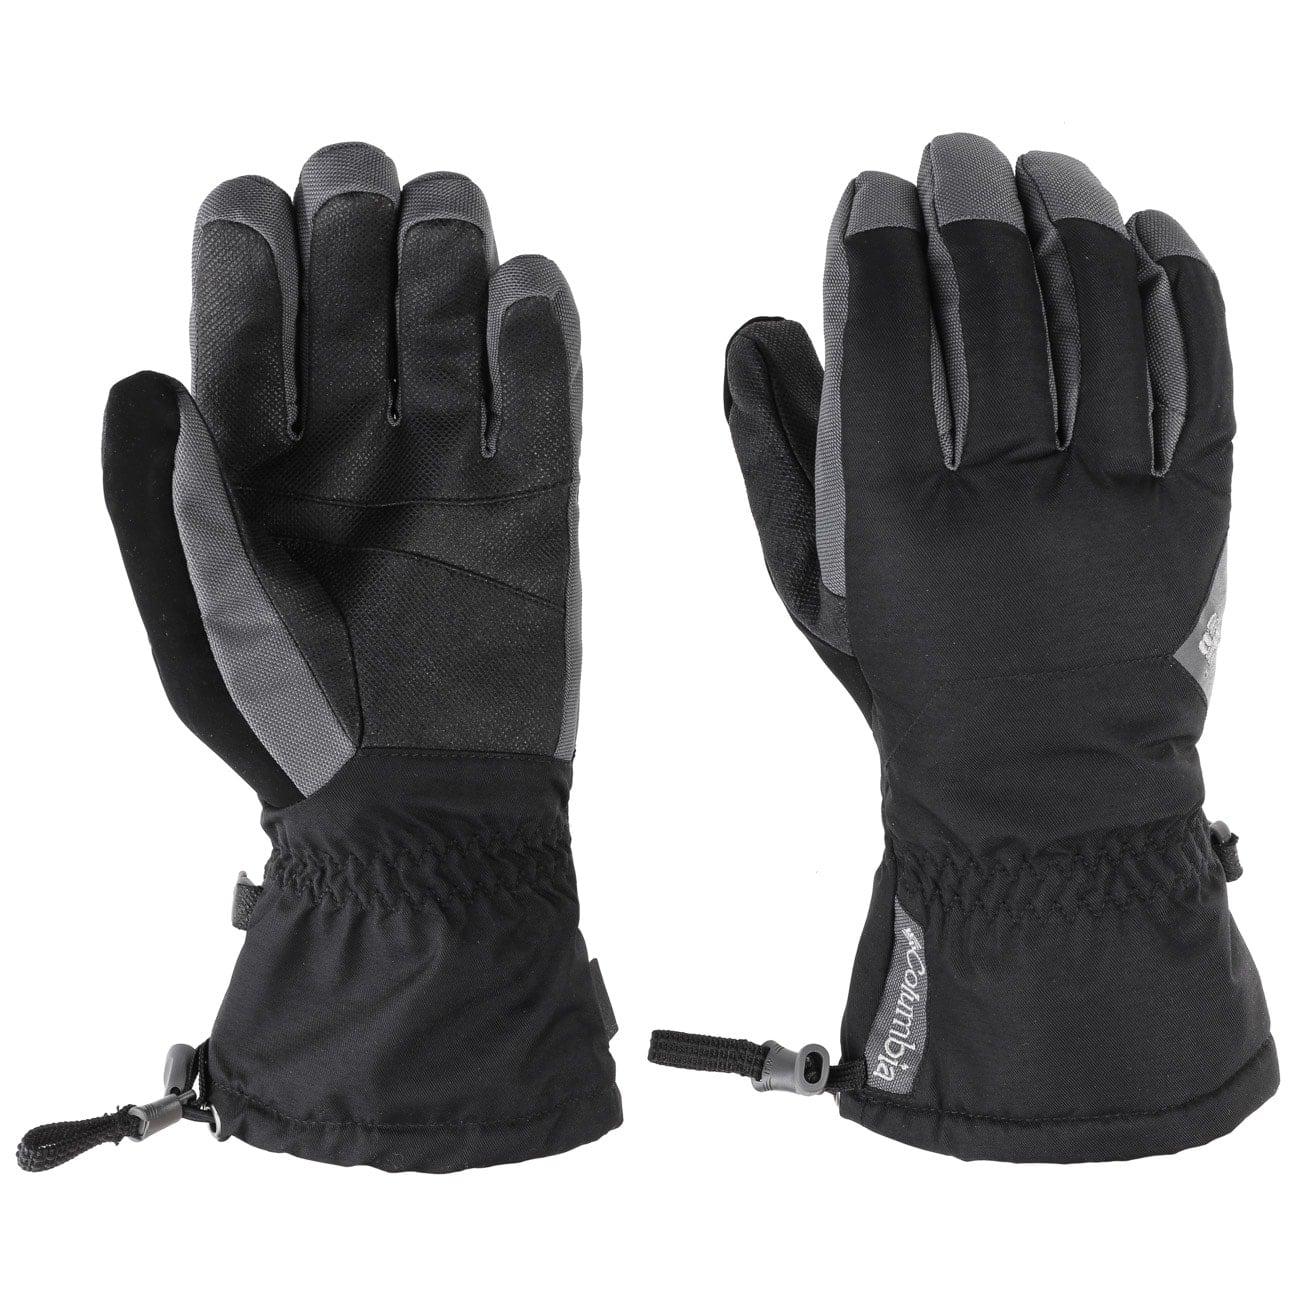 Guantes de Hombre Whirlibird by Columbia  guantes con dedos